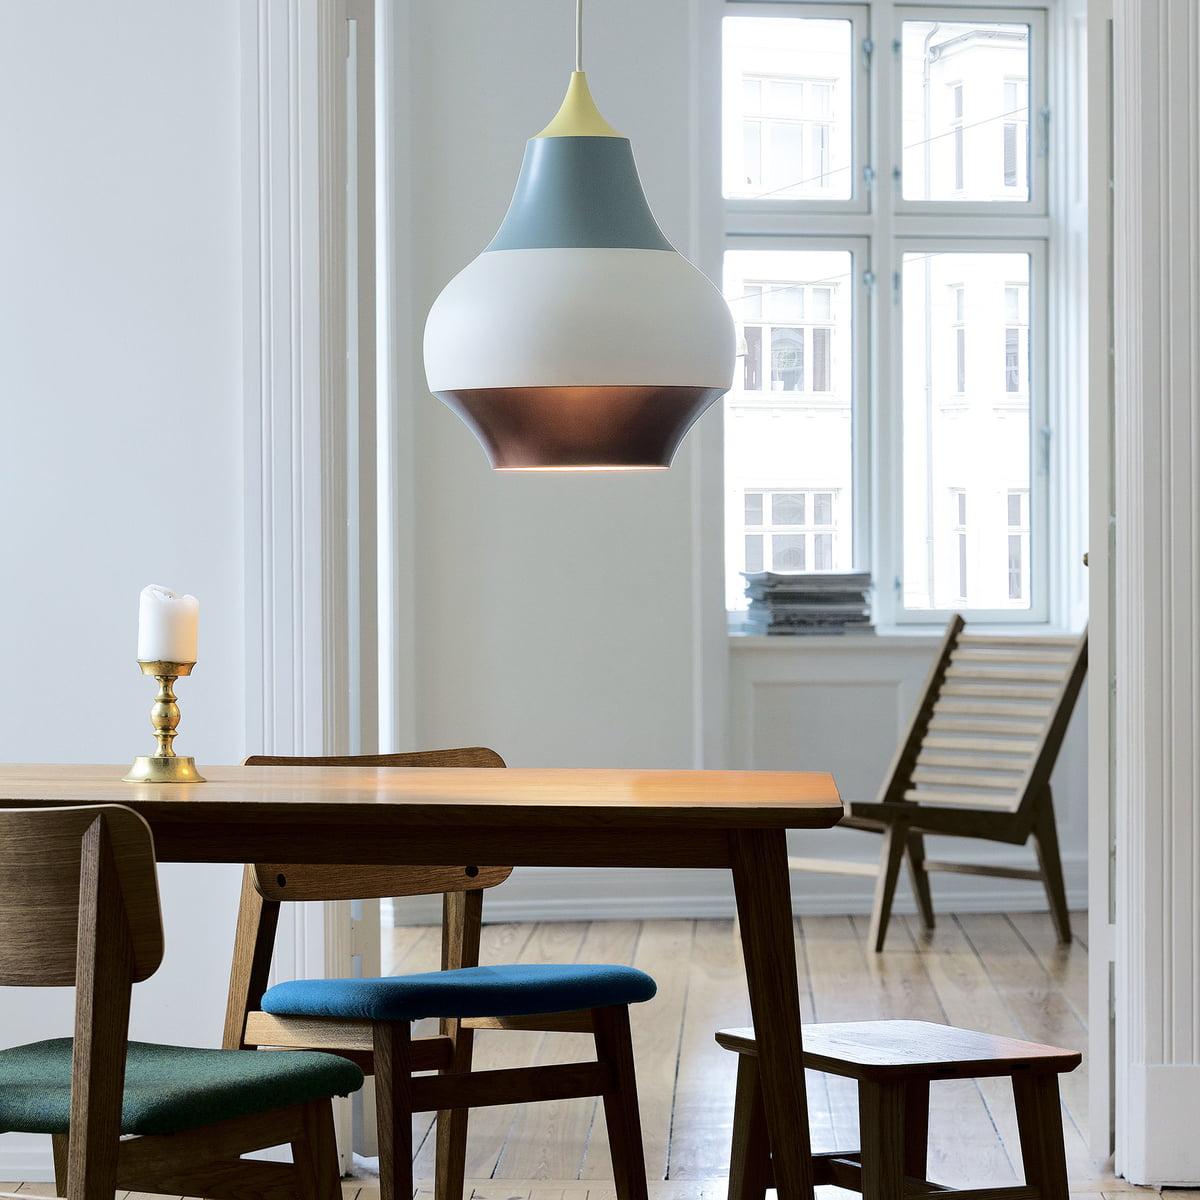 Buy The Cirque Pendant Lamp By Louis Poulsen